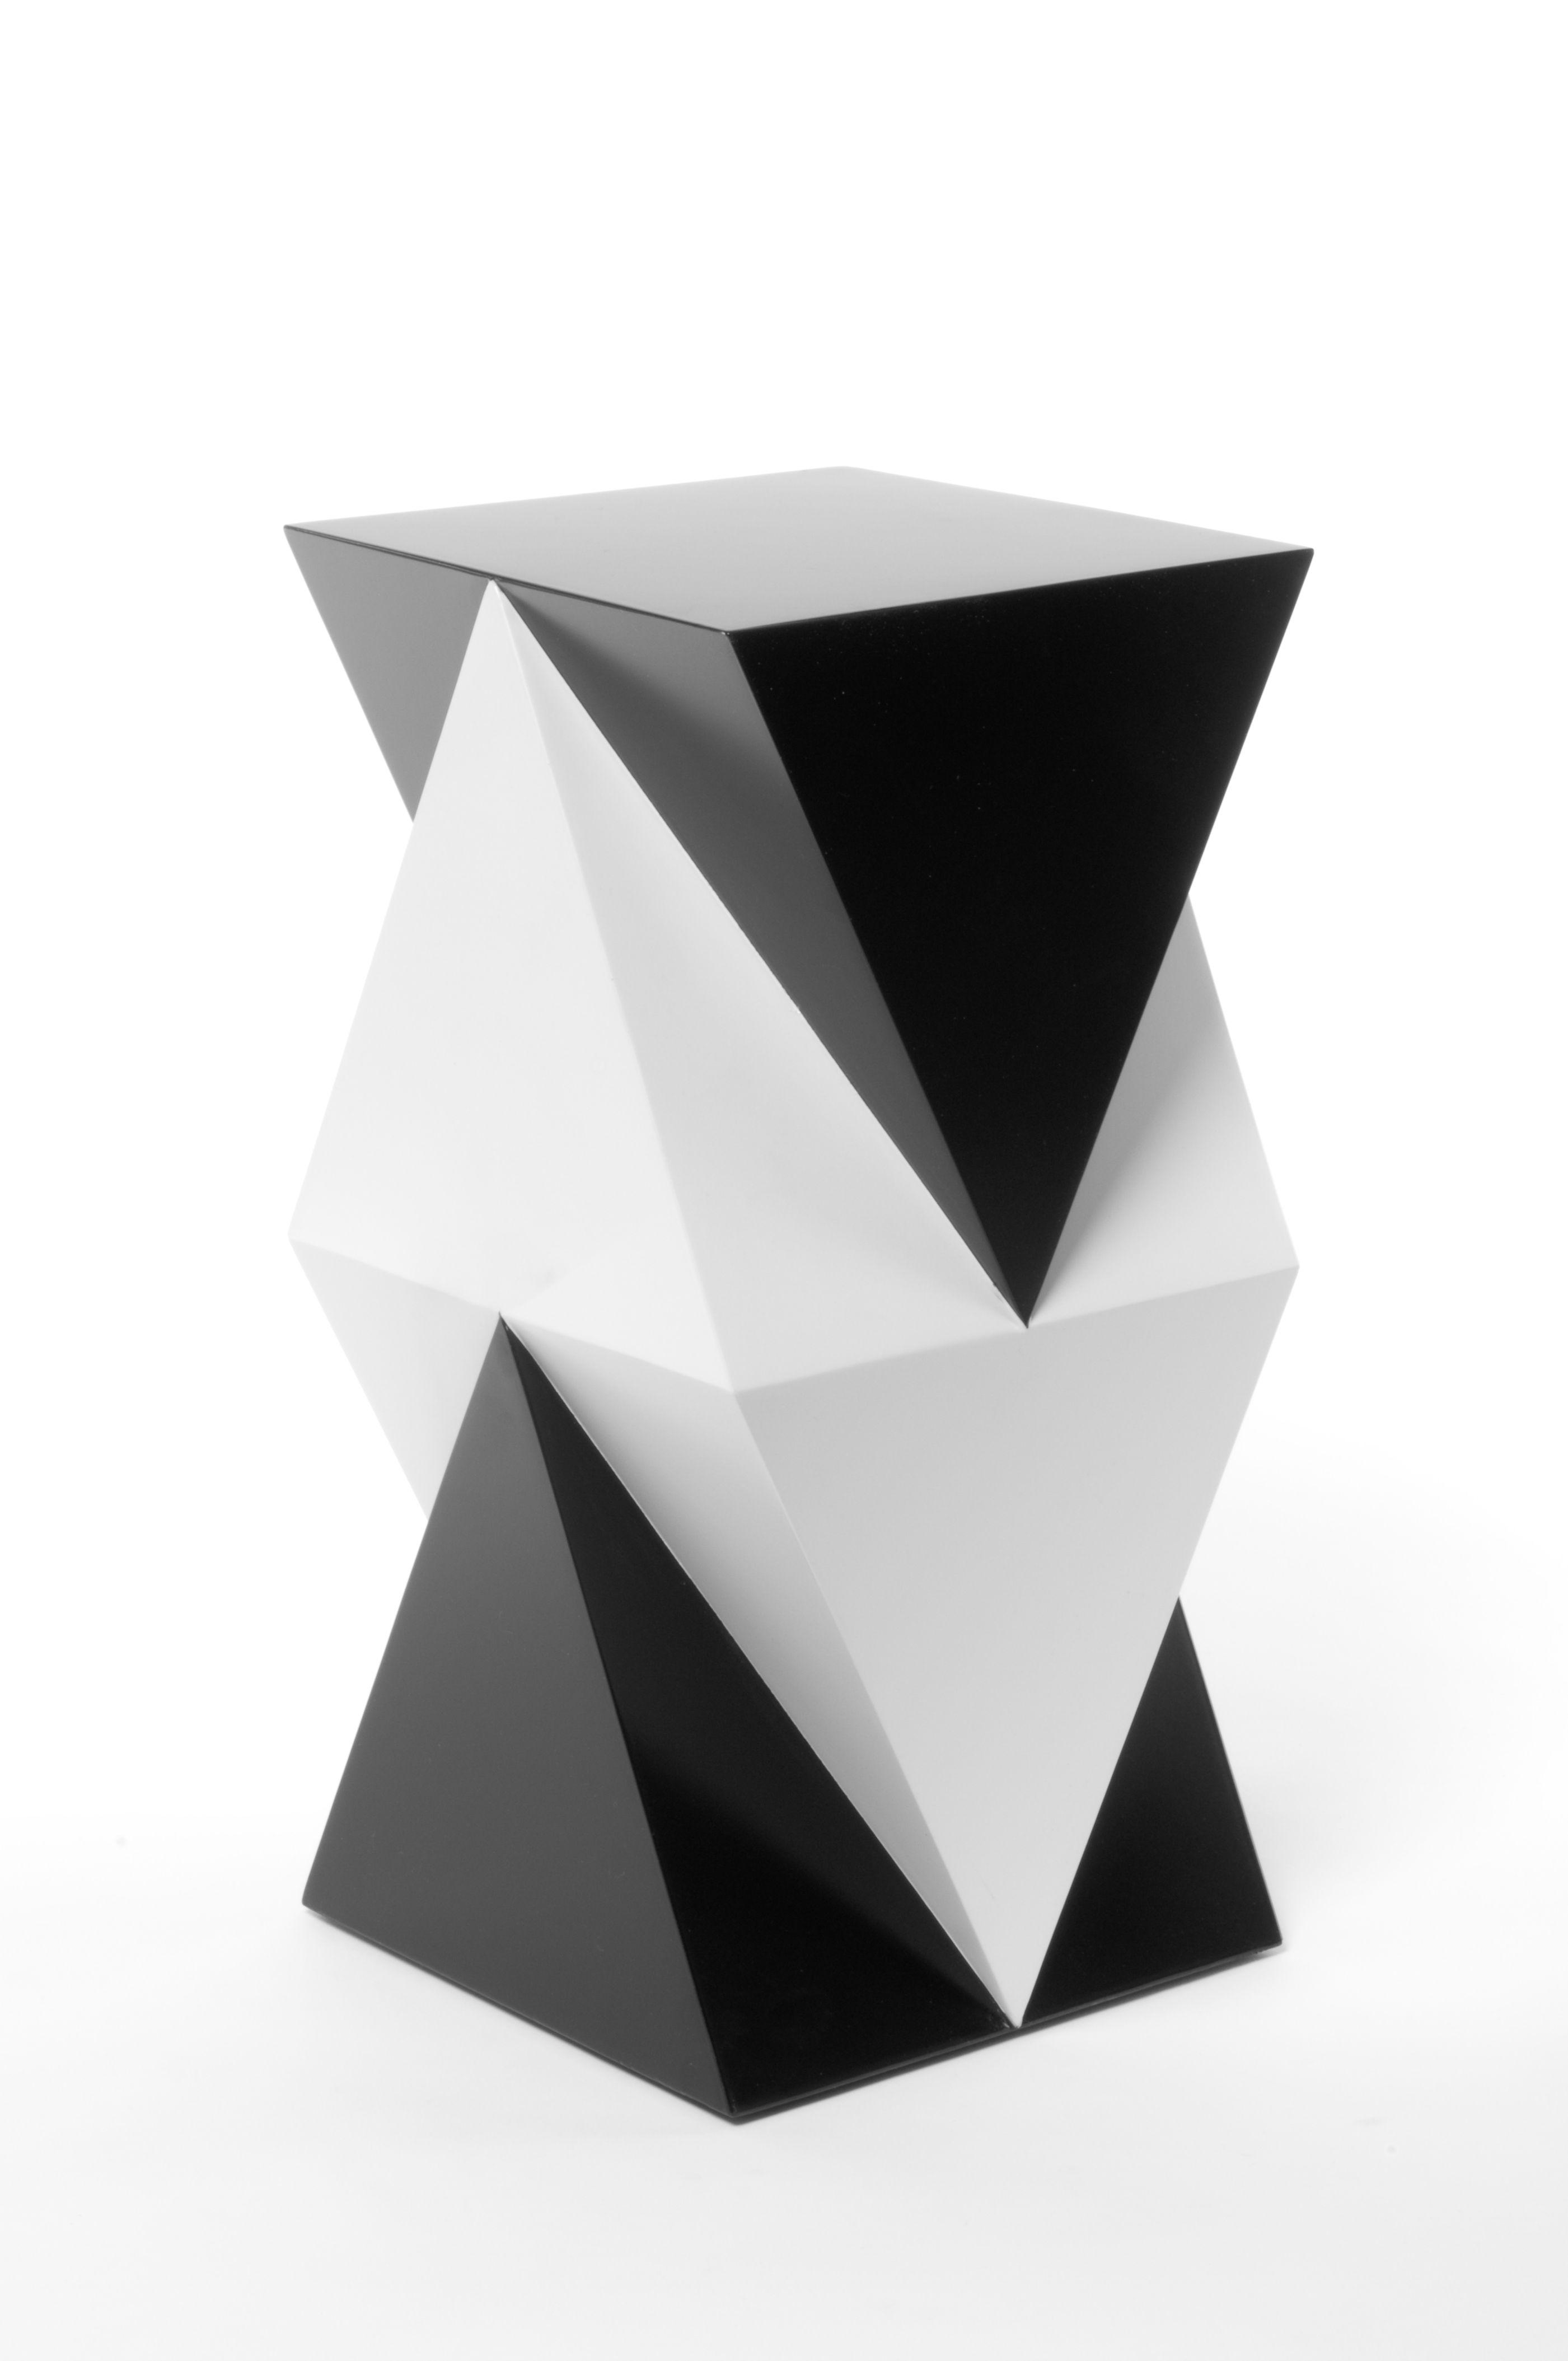 Die stiftungen max art pinterest design och inspiration for Polygon produktdesign